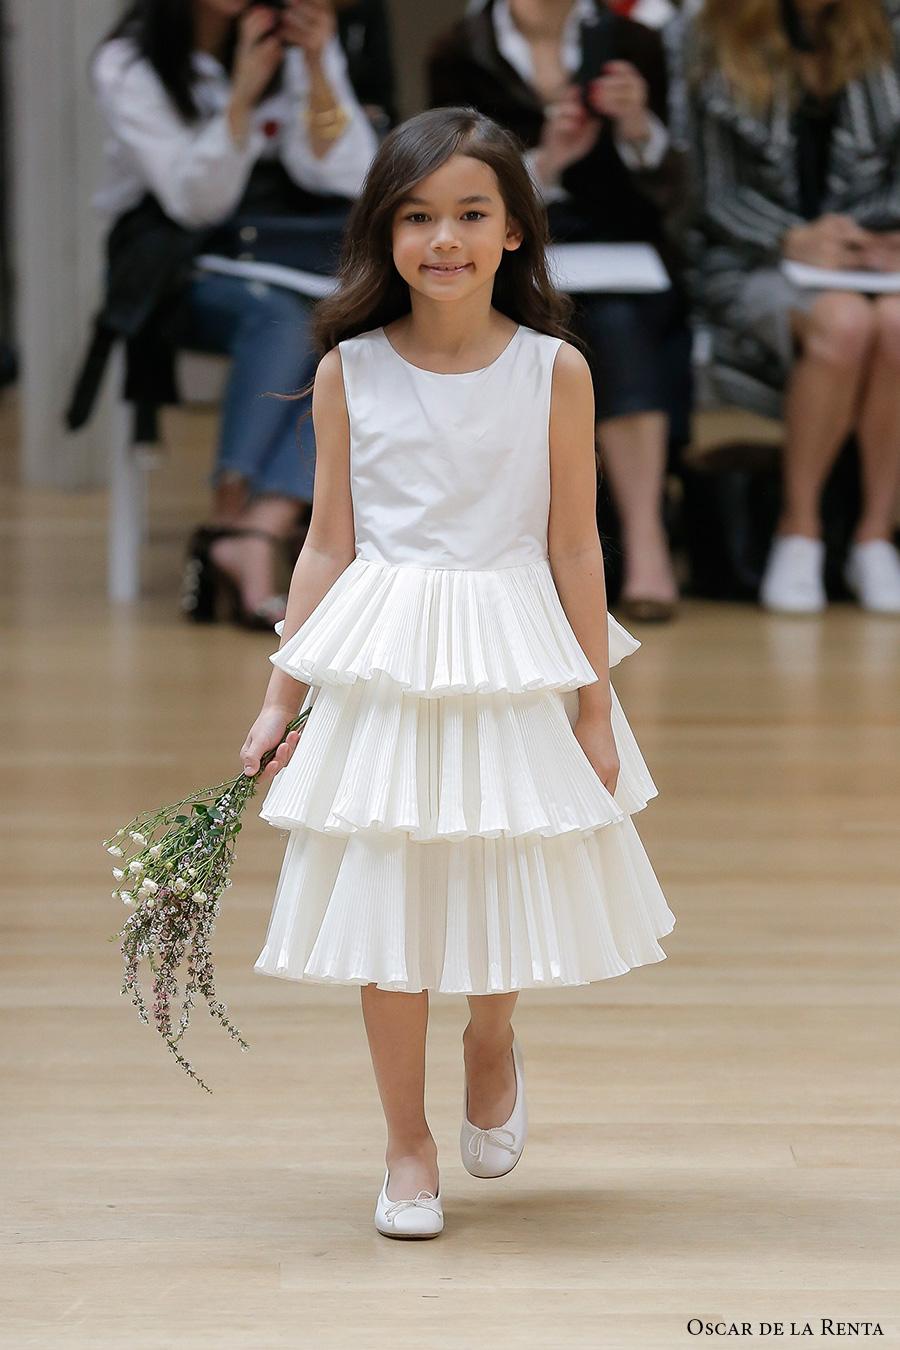 Oscar De La Renta Wedding Dresses Price 37 Ideal oscar de la renta